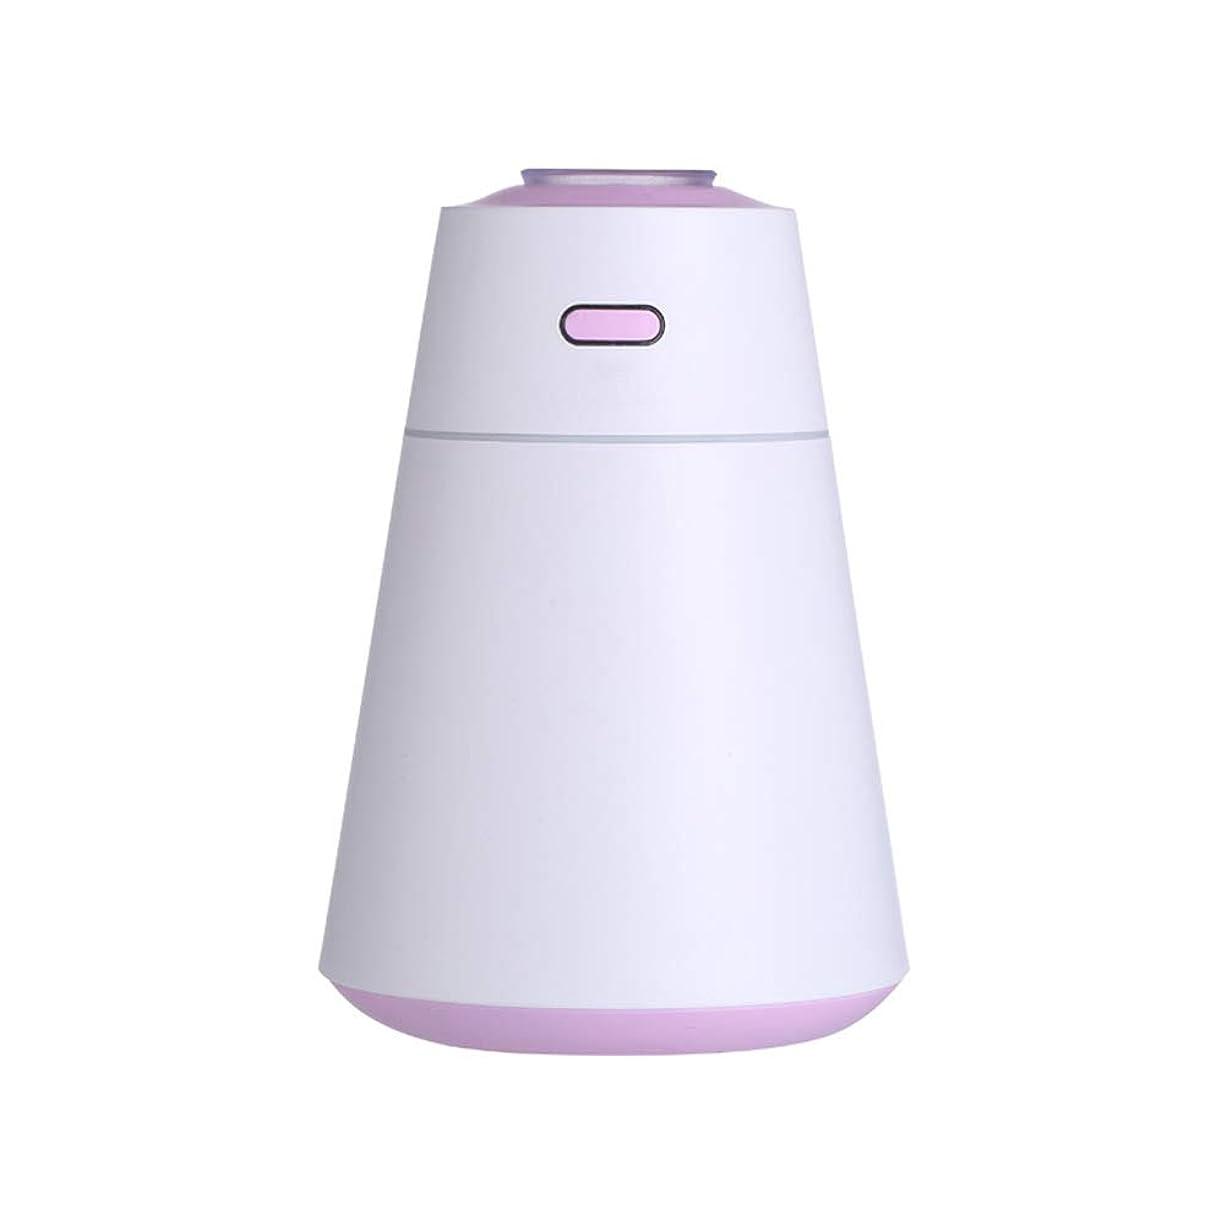 チャップ困惑するあなたは加湿器USBデスクトップ寝室加湿器クリエイティブファッションシンプルな火山加湿器超音波加湿,Pink